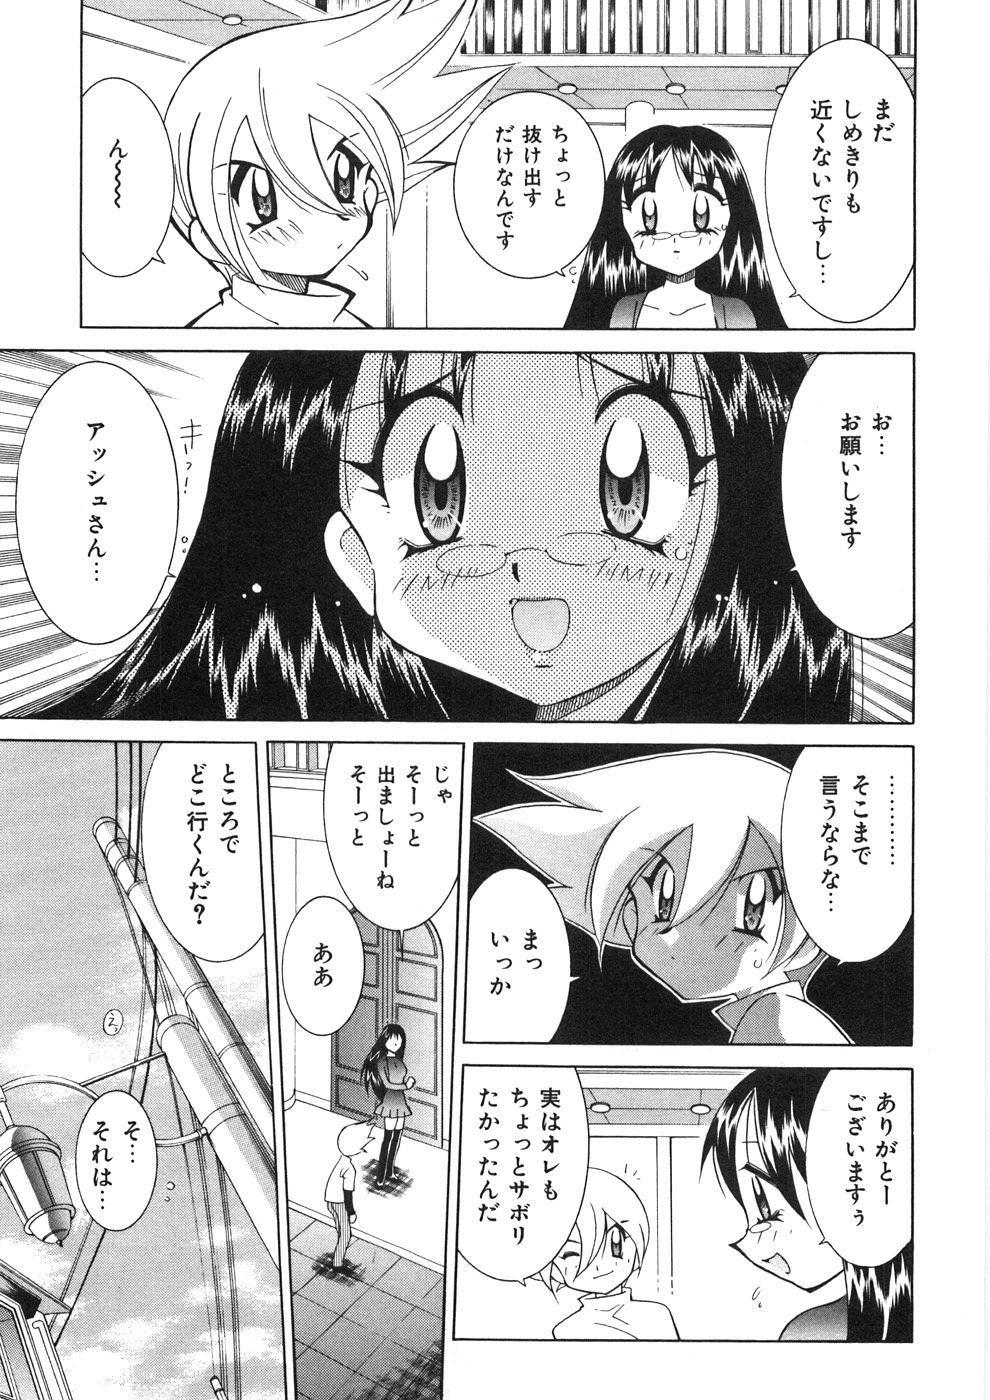 Chichichichi Banban 137